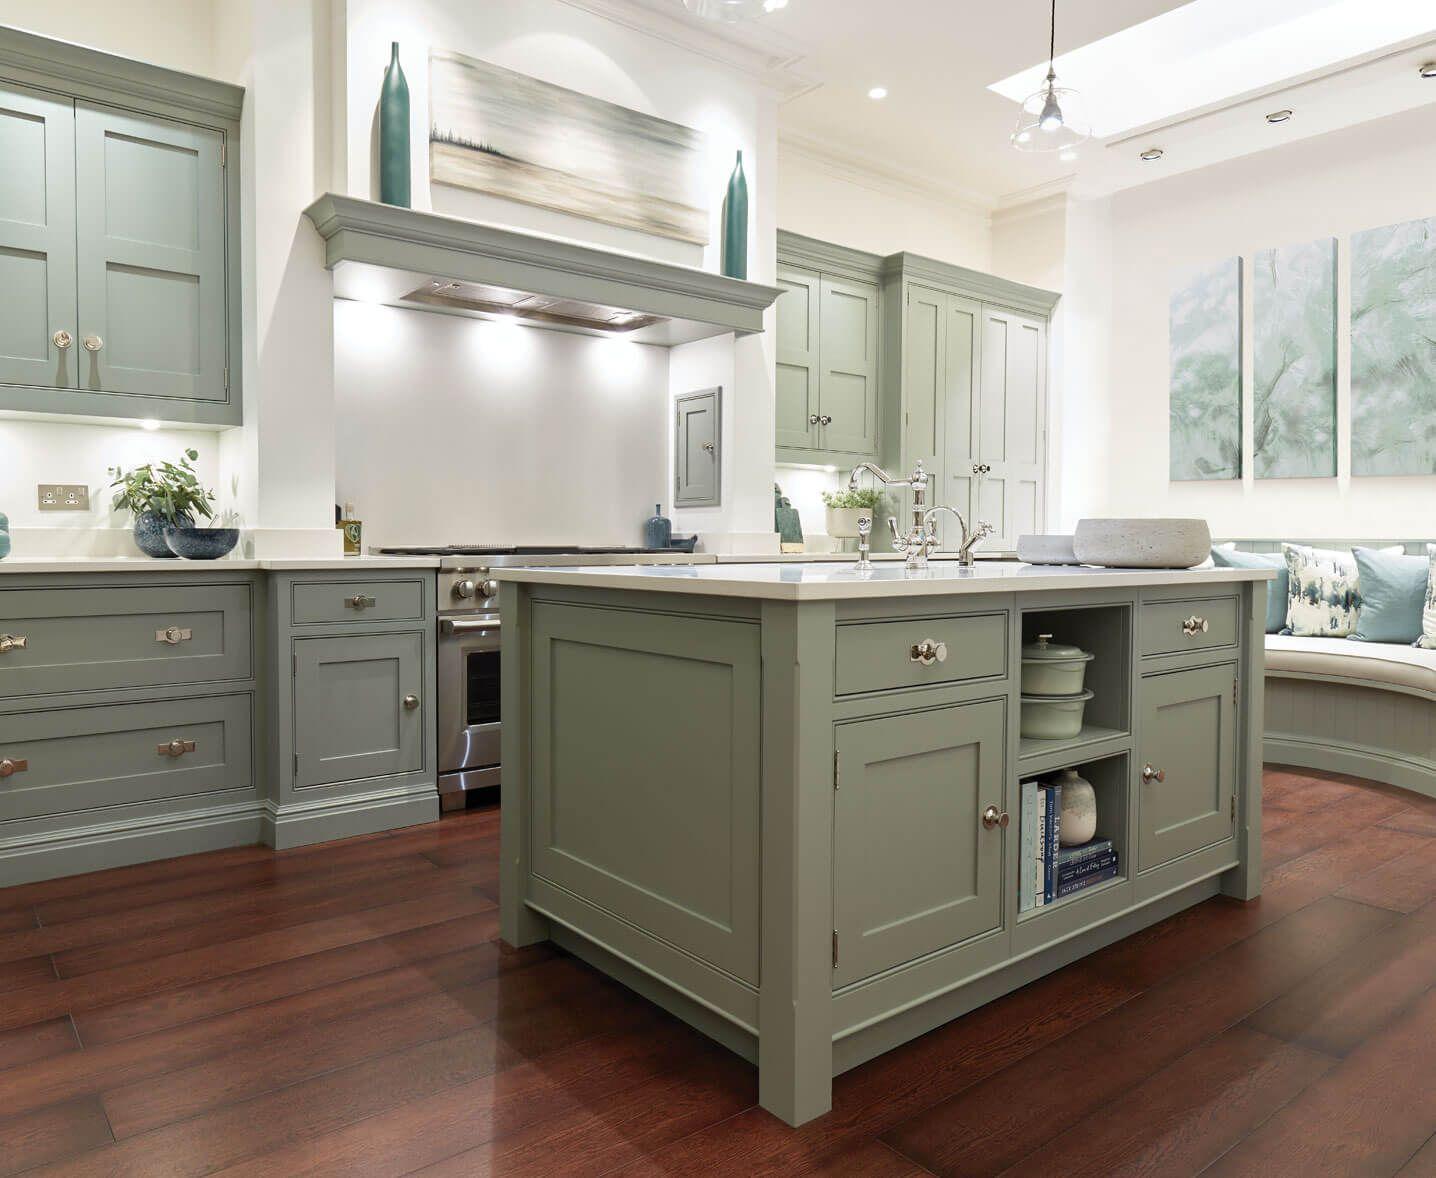 Sage Green Kitchen Shaker Kitchens Tom Howley Sage Green Kitchen Shaker Kitchen Contemporary Style Kitchen